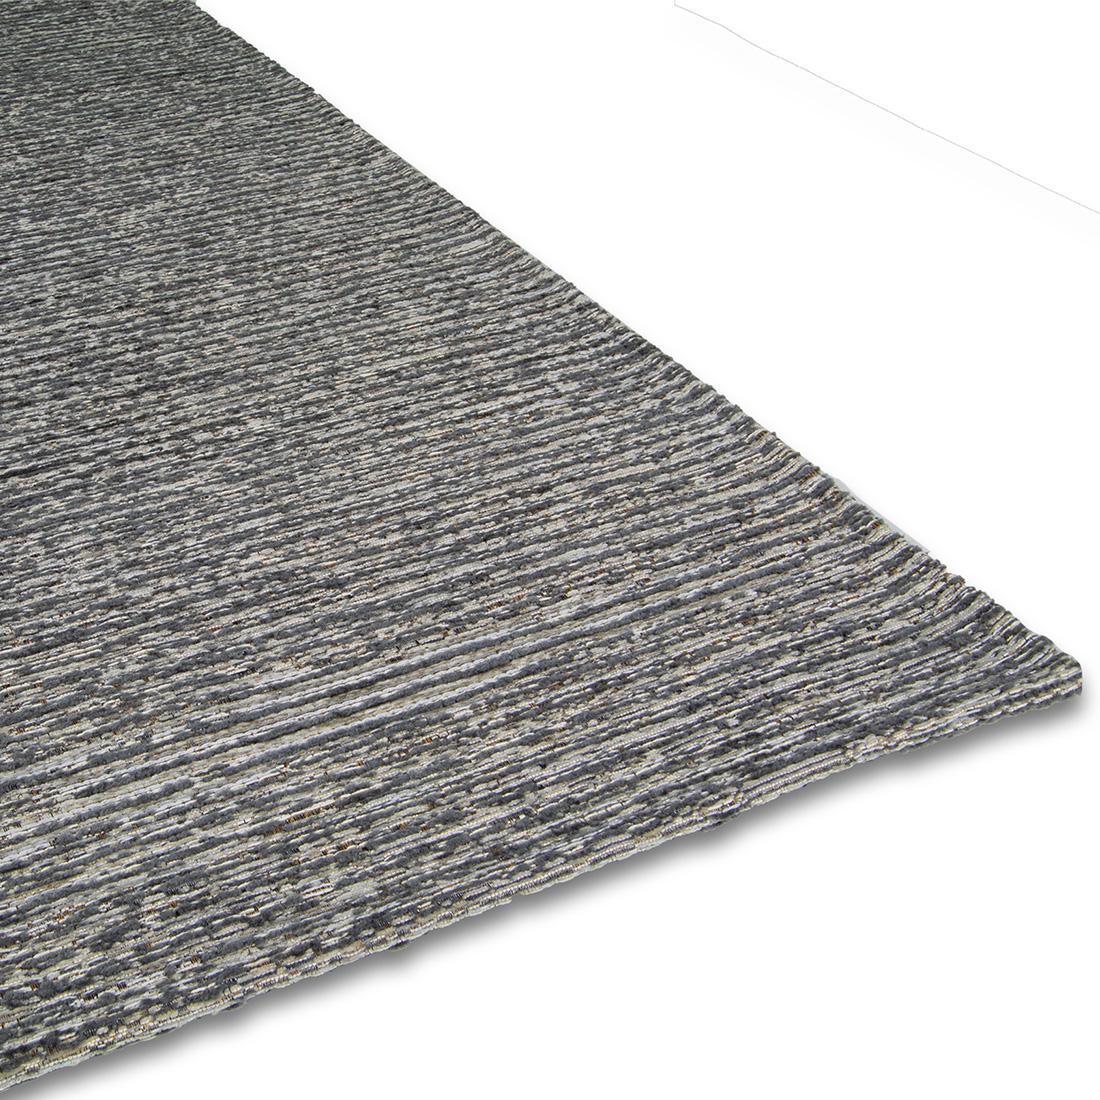 Vloerkleed Brinker Bolzano Grey | 200 x 300 cm